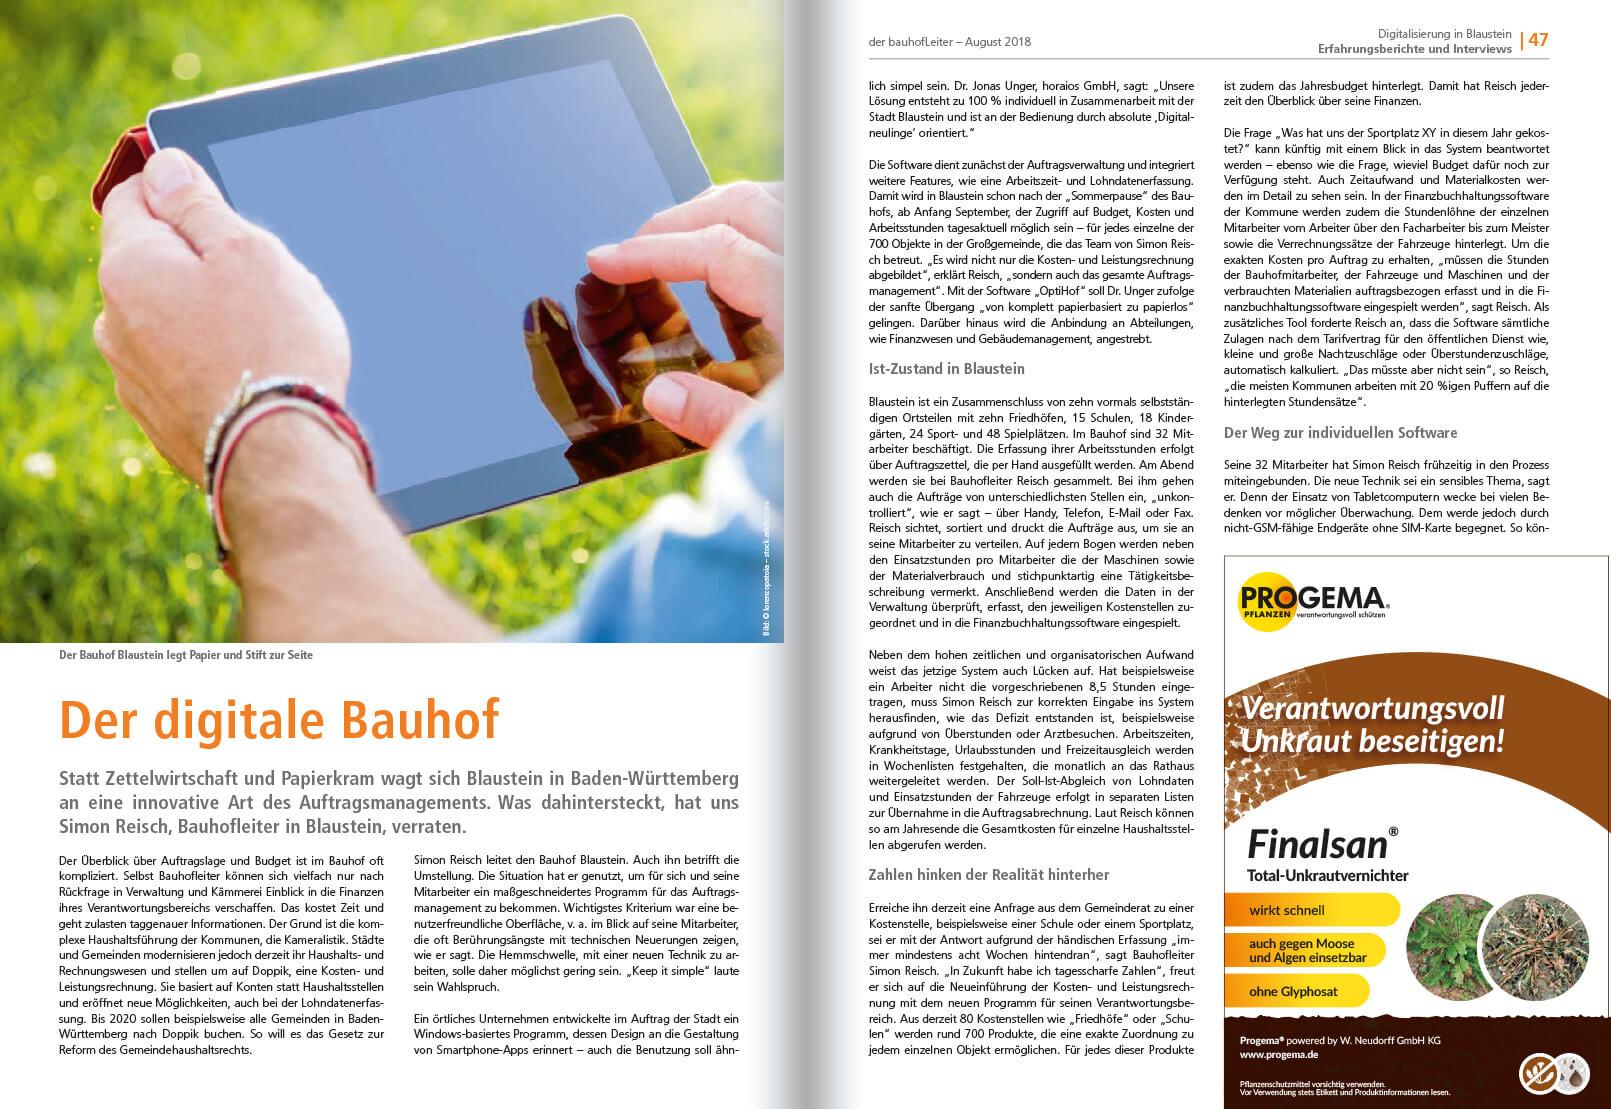 2018-05 Digitaler Bauhof 1